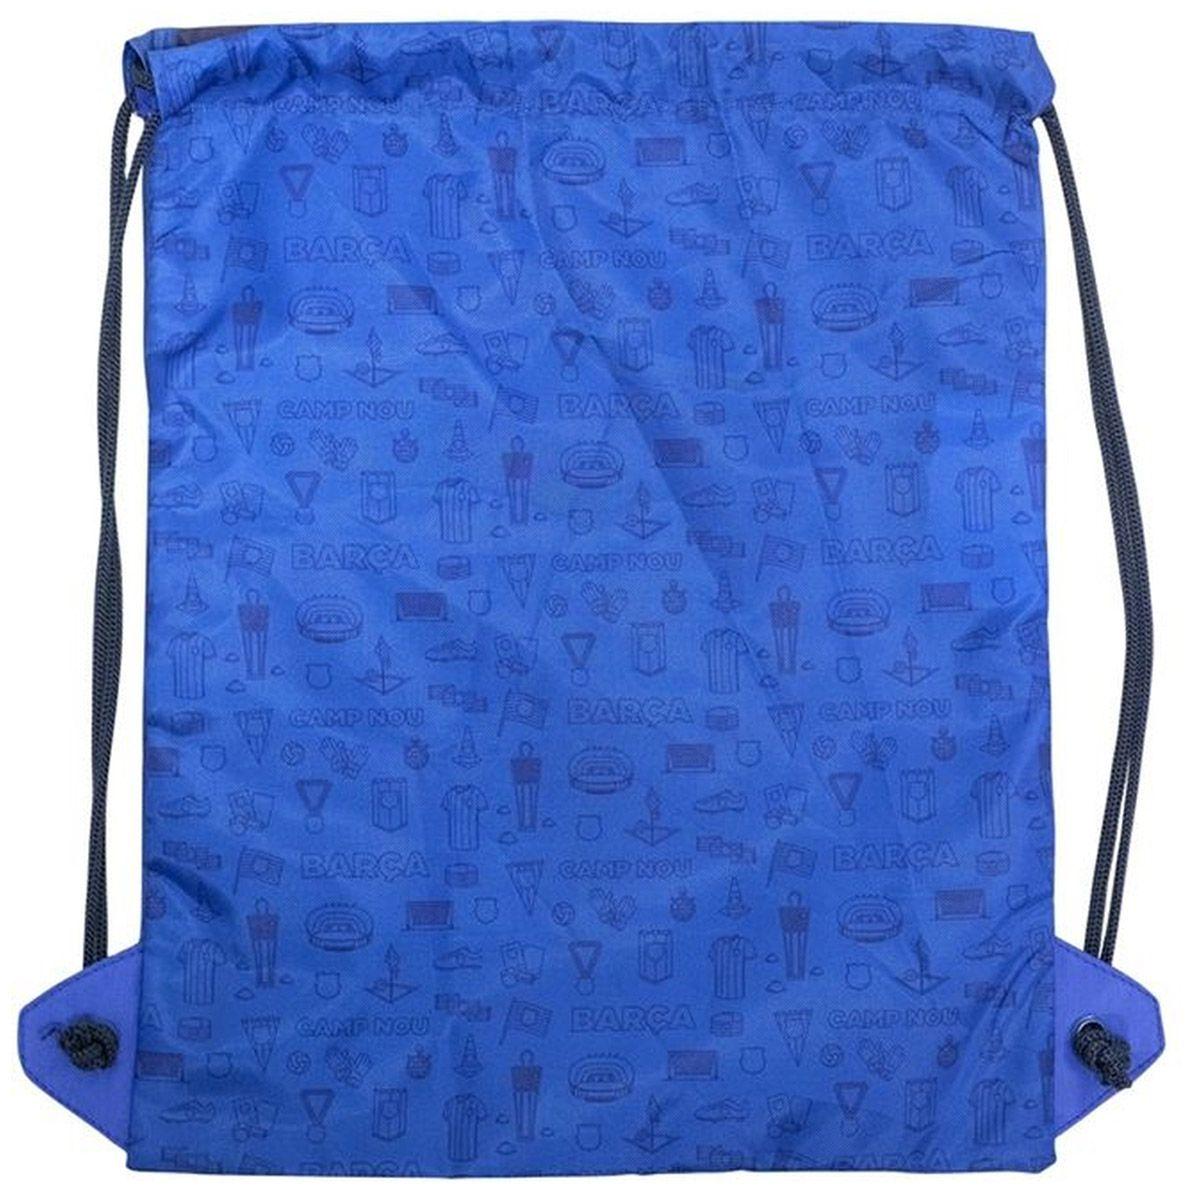 Gym Bag Saco do Barcelona Blaugrana 8987